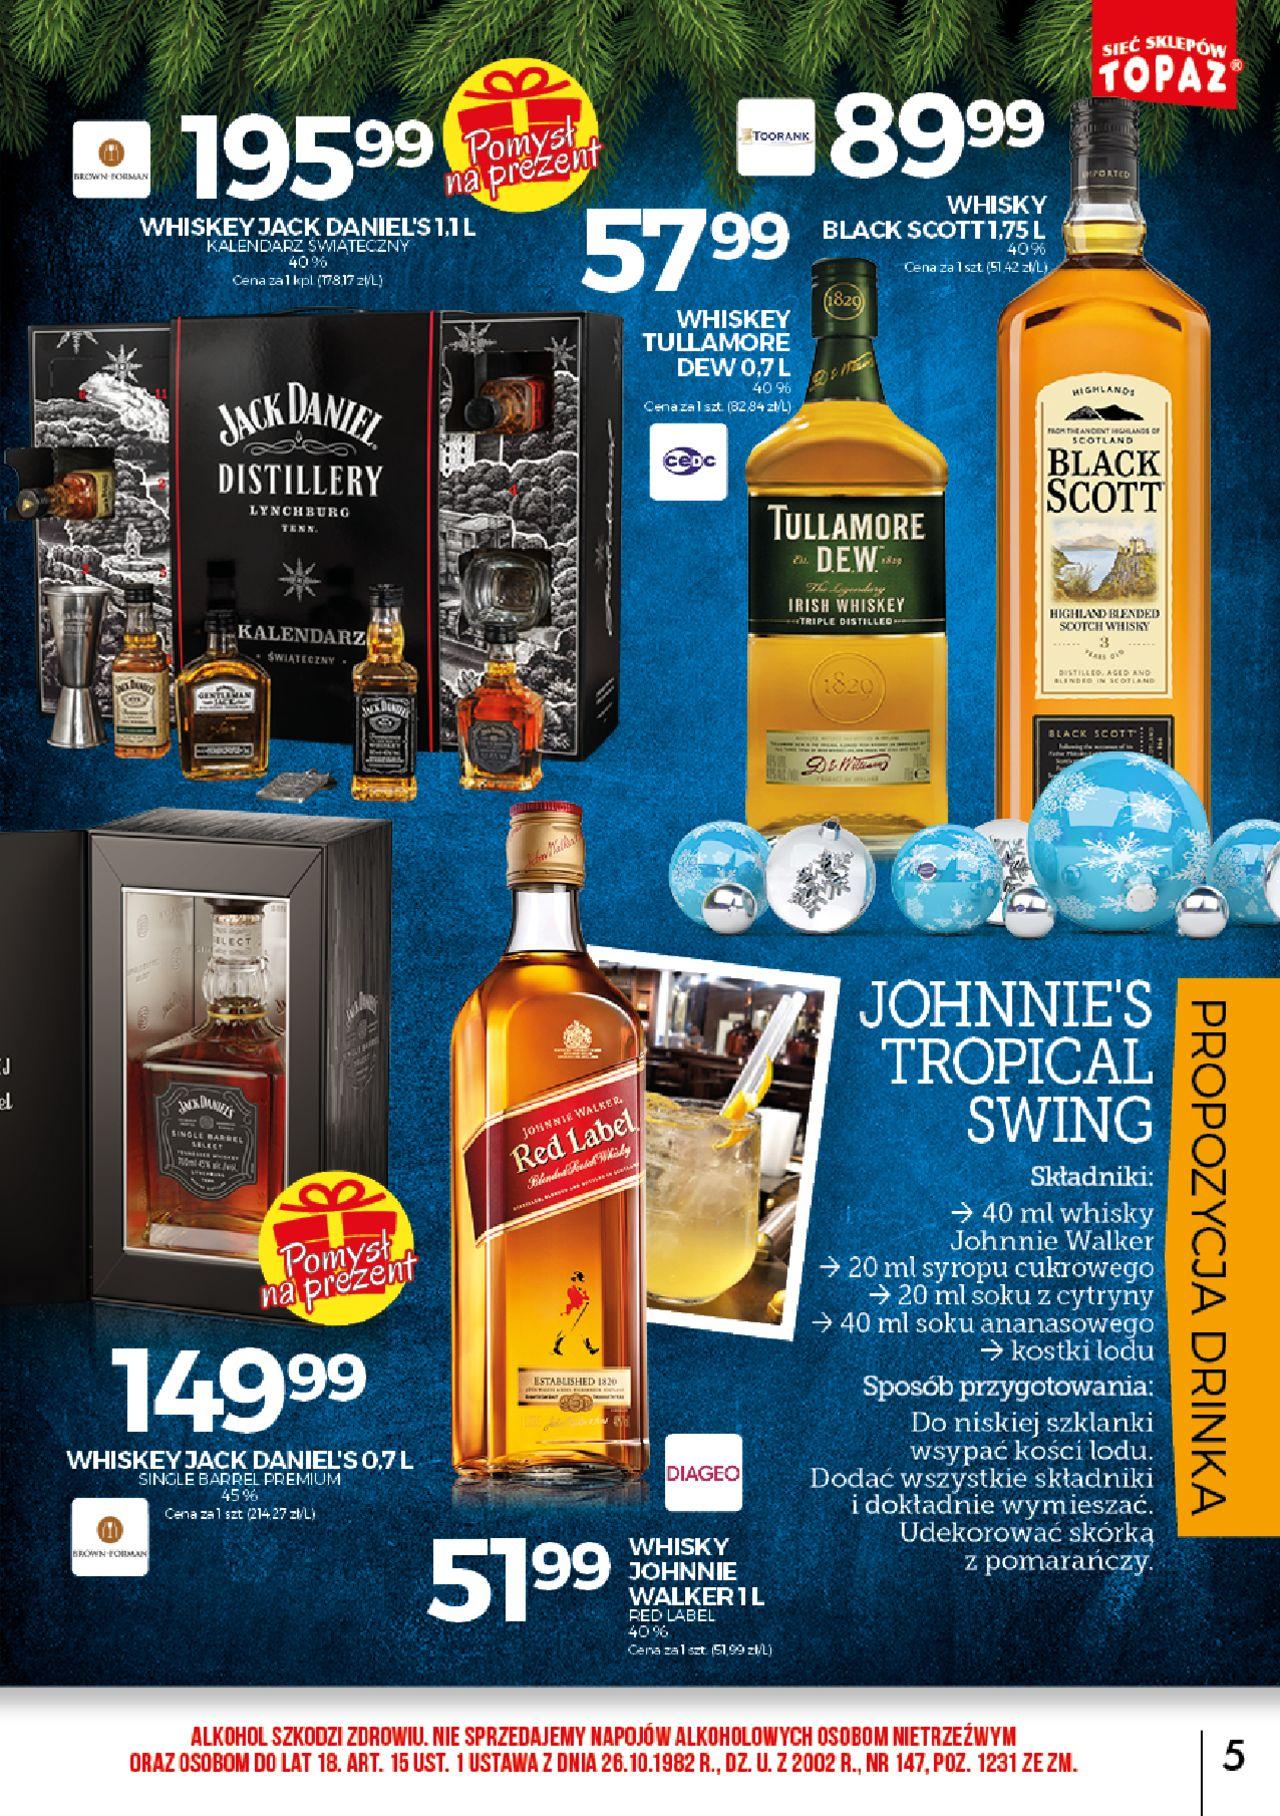 Jack Daniels single barell whisky @Topaz